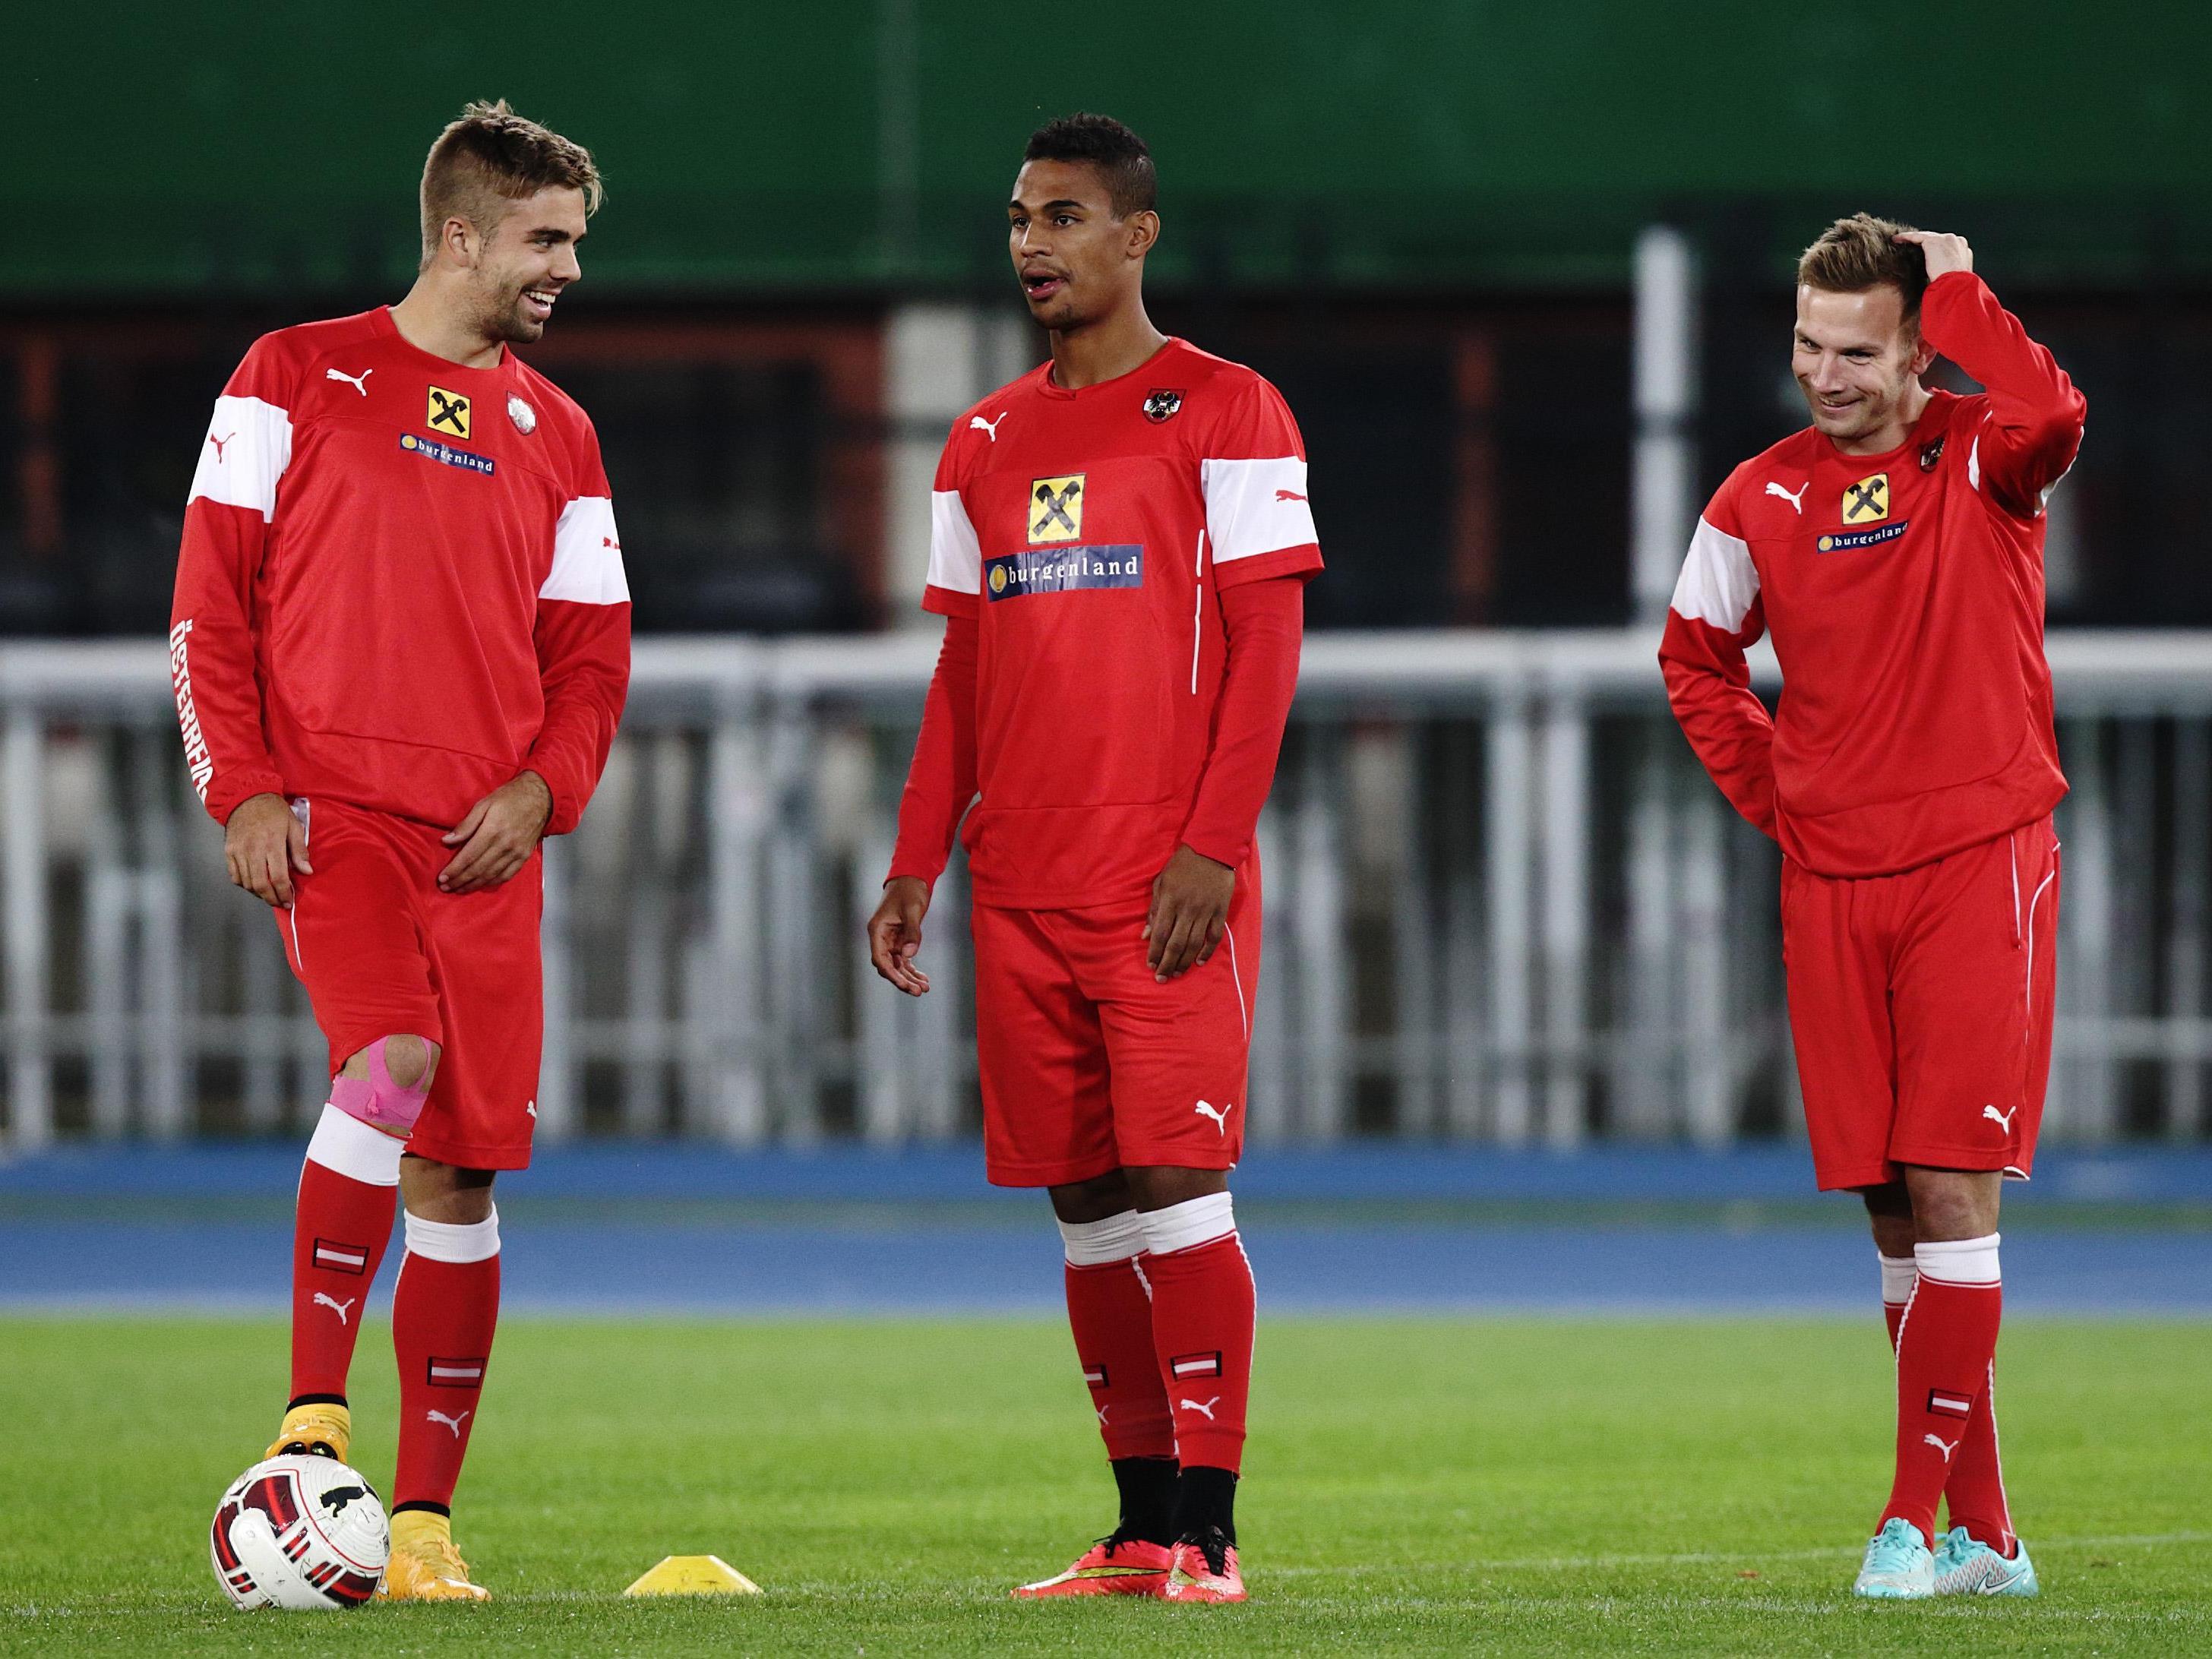 Wer stürmt für das Nationalteam? Hinterseer, Okotie oder Weimann?